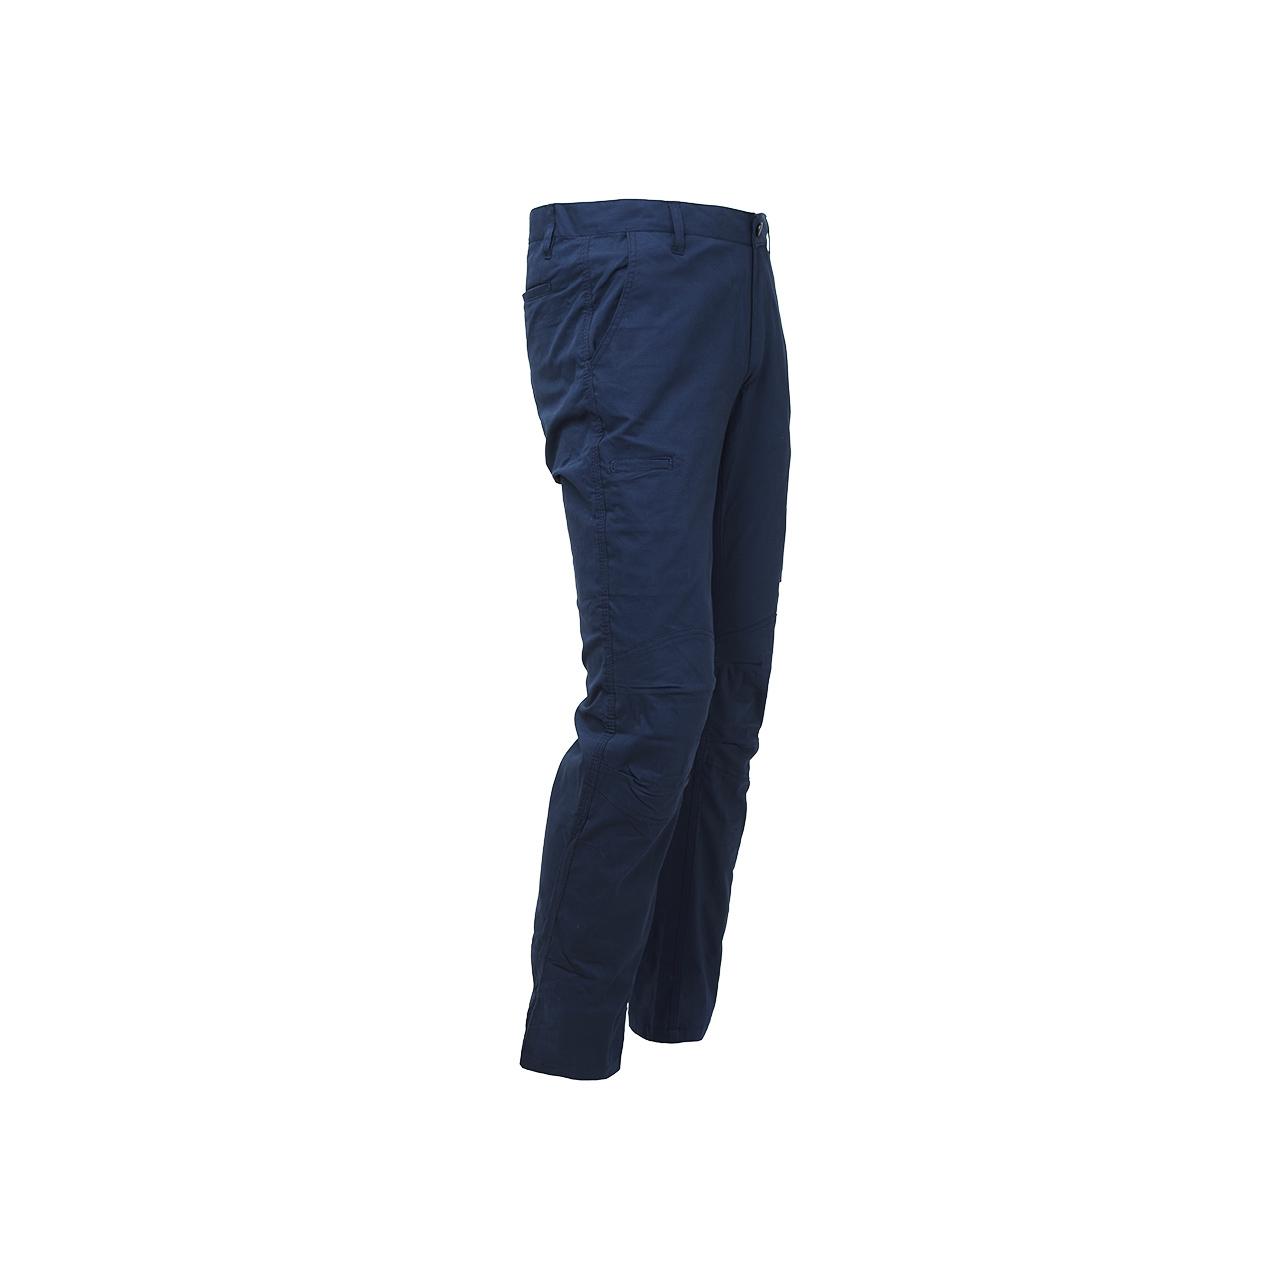 pantalone da lavoro upower modello ocean colore WESTLAK blue